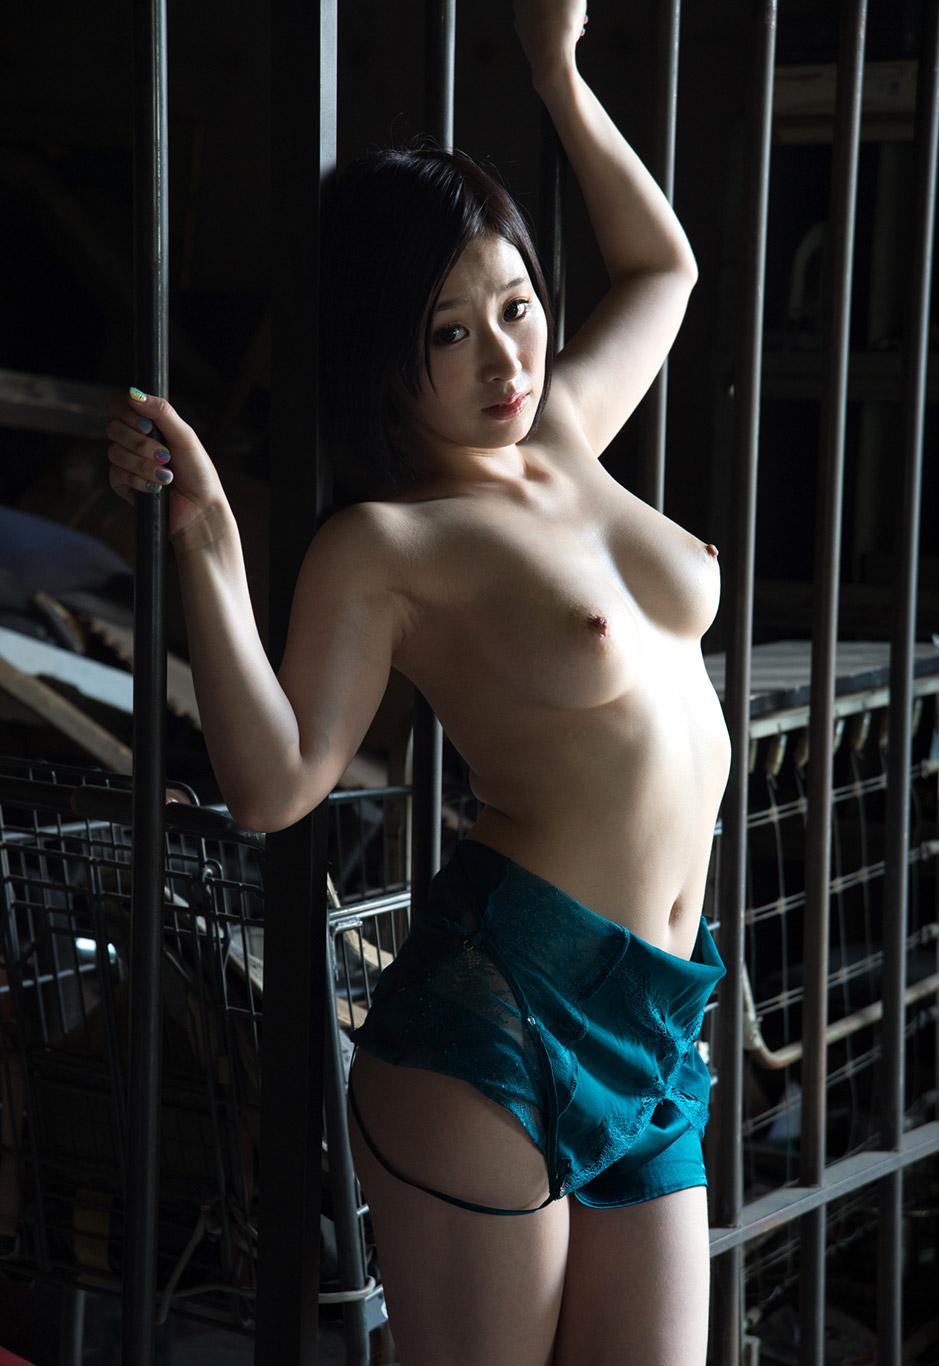 sana imanaga sexy naked pics 02